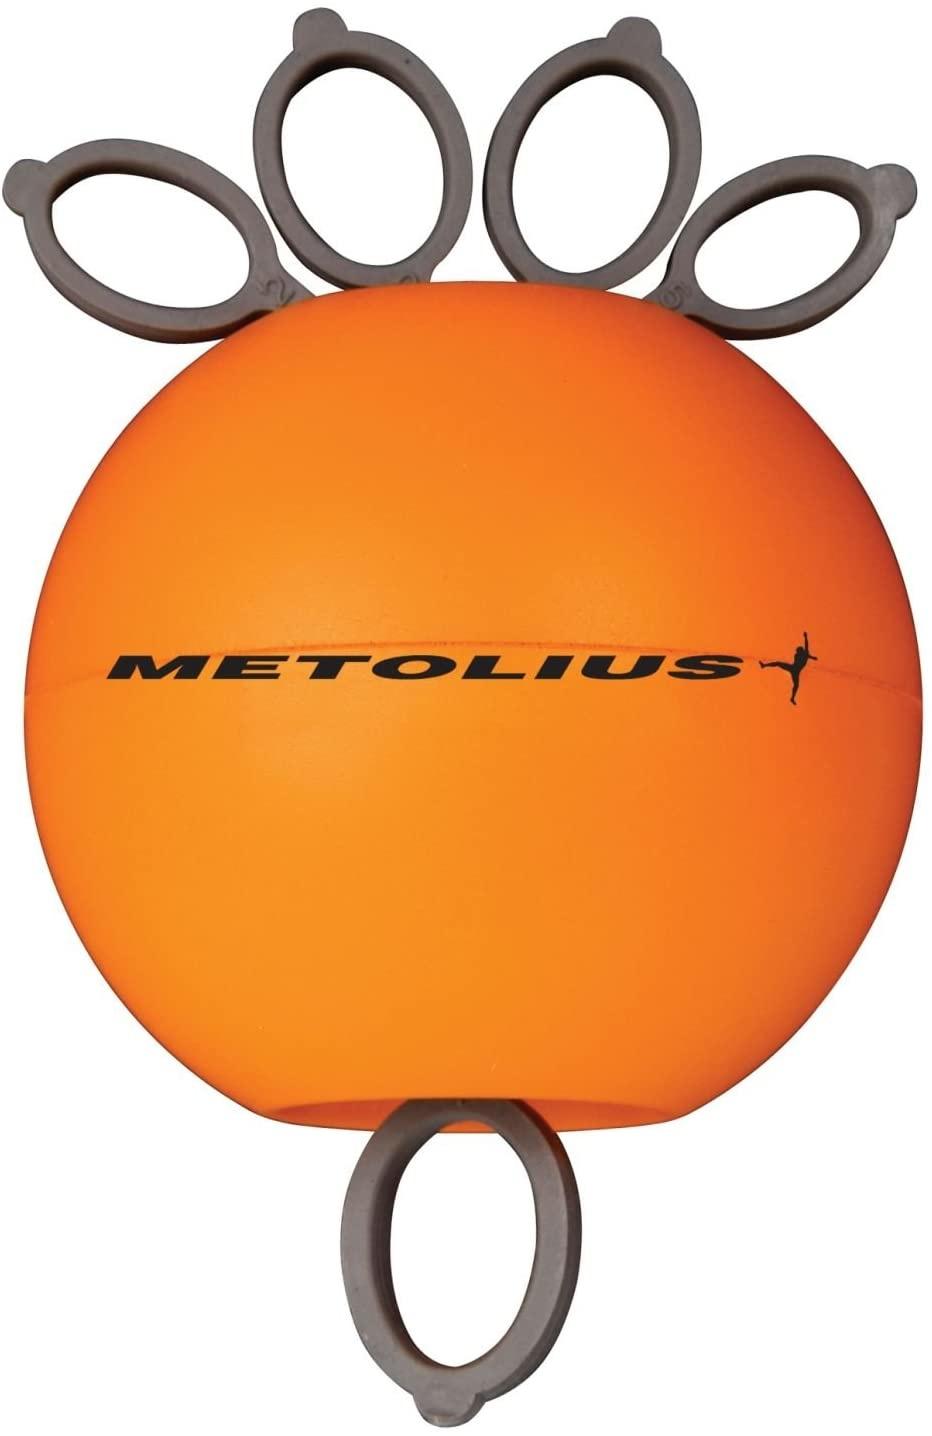 Metolius Grip Saver Plus- Stiff